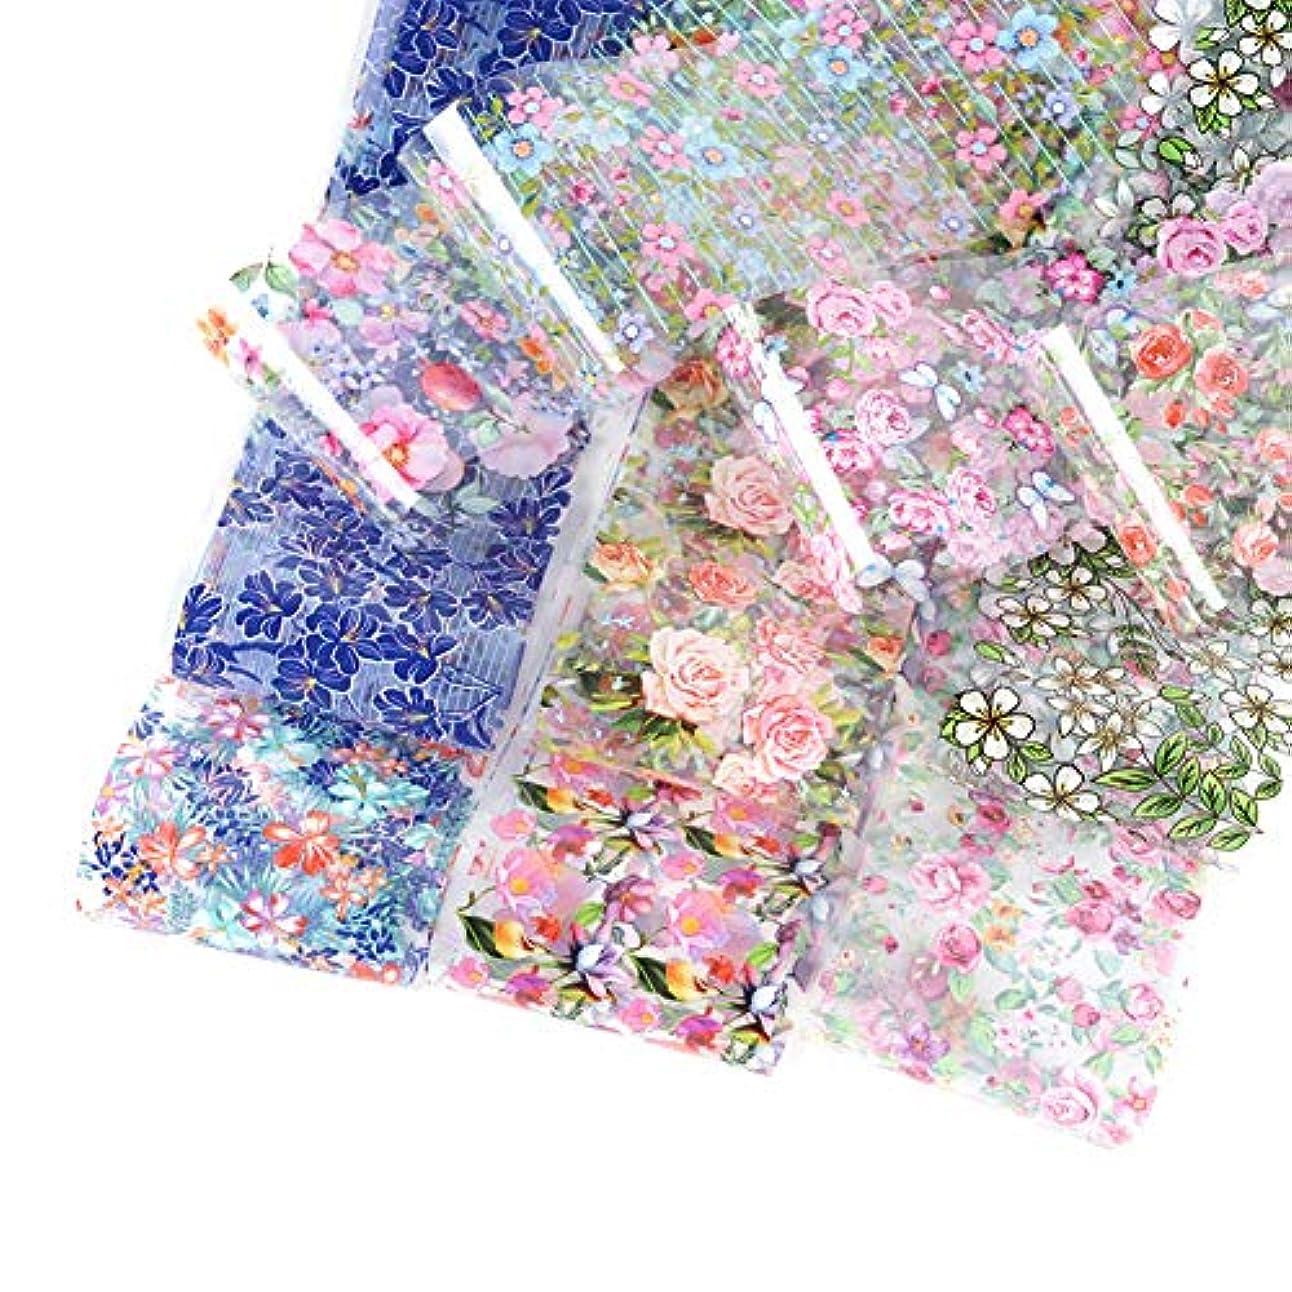 ナイロン眠いですクローンLITI ネイルシール 花柄ネイルホイル 水彩の花 星空ネイル シェル 綺麗な夏 転写ホイル 箔紙 シェルプリント 極薄フィルム 3D デザイン ネイル転印シール ネイルステッカー